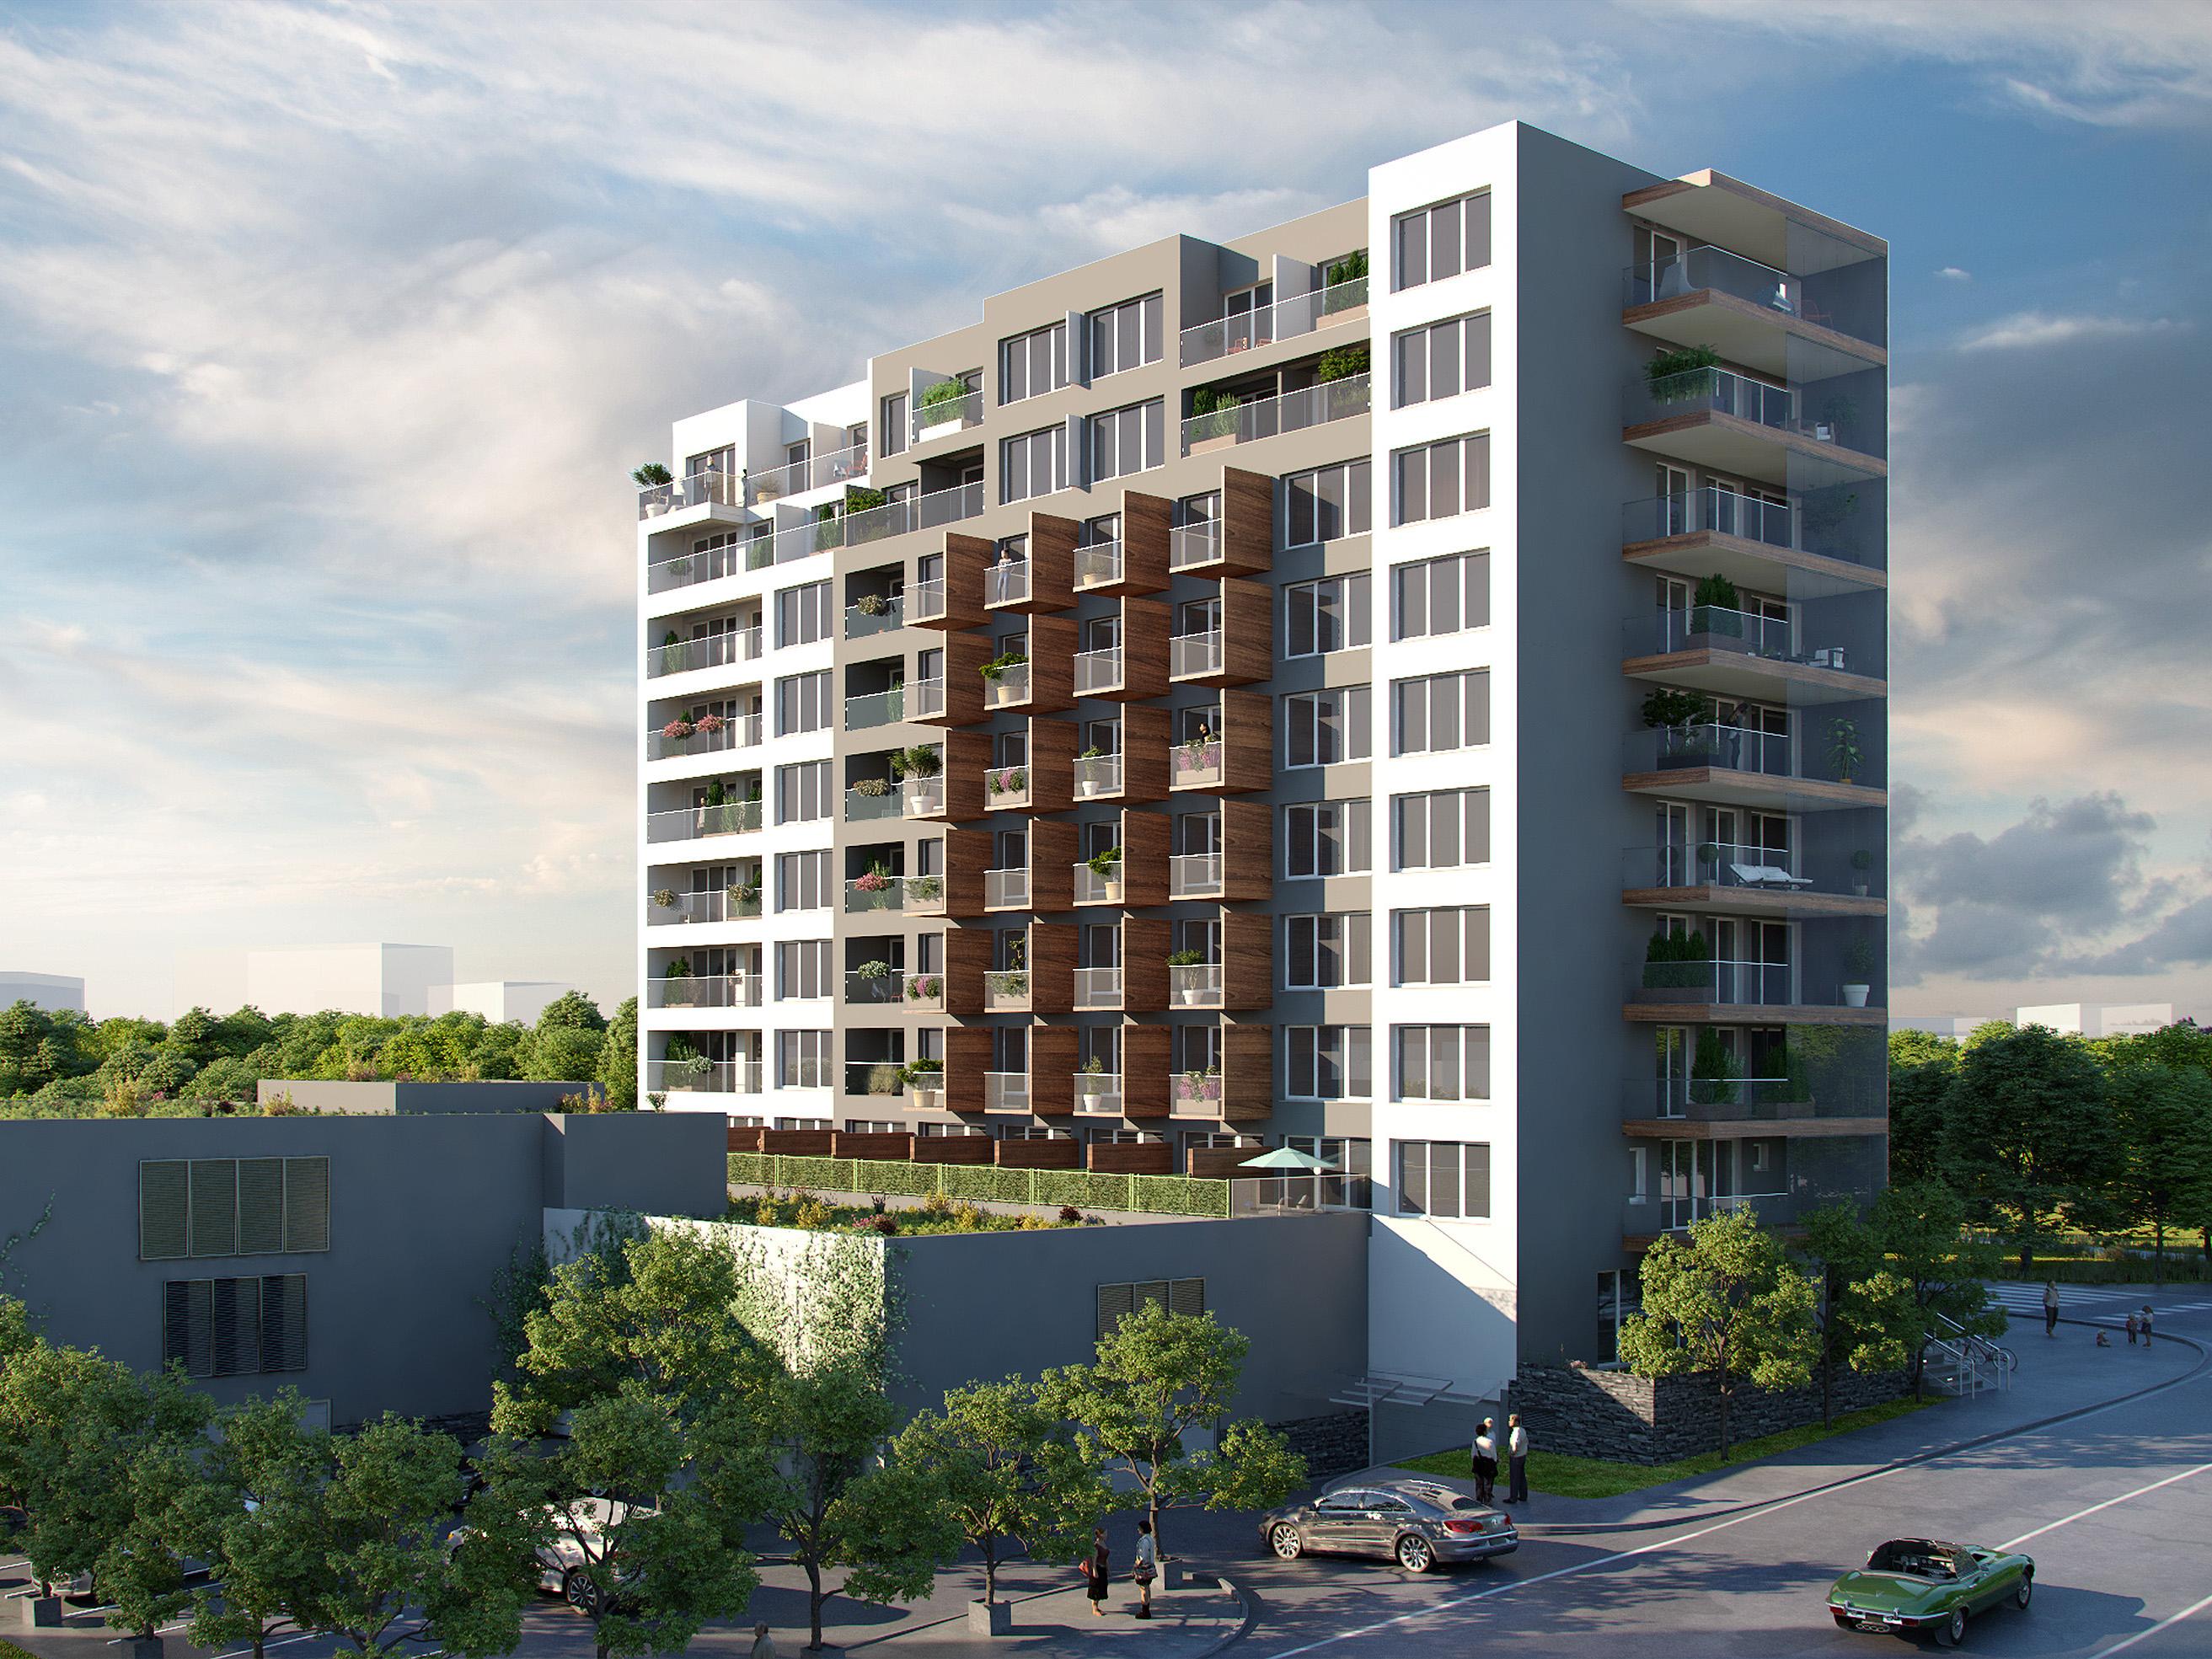 prodej bytu praha, investiční byty, novostavby praha, sreality, nové byty praha, úsporné bydlení, hamr záběhlice